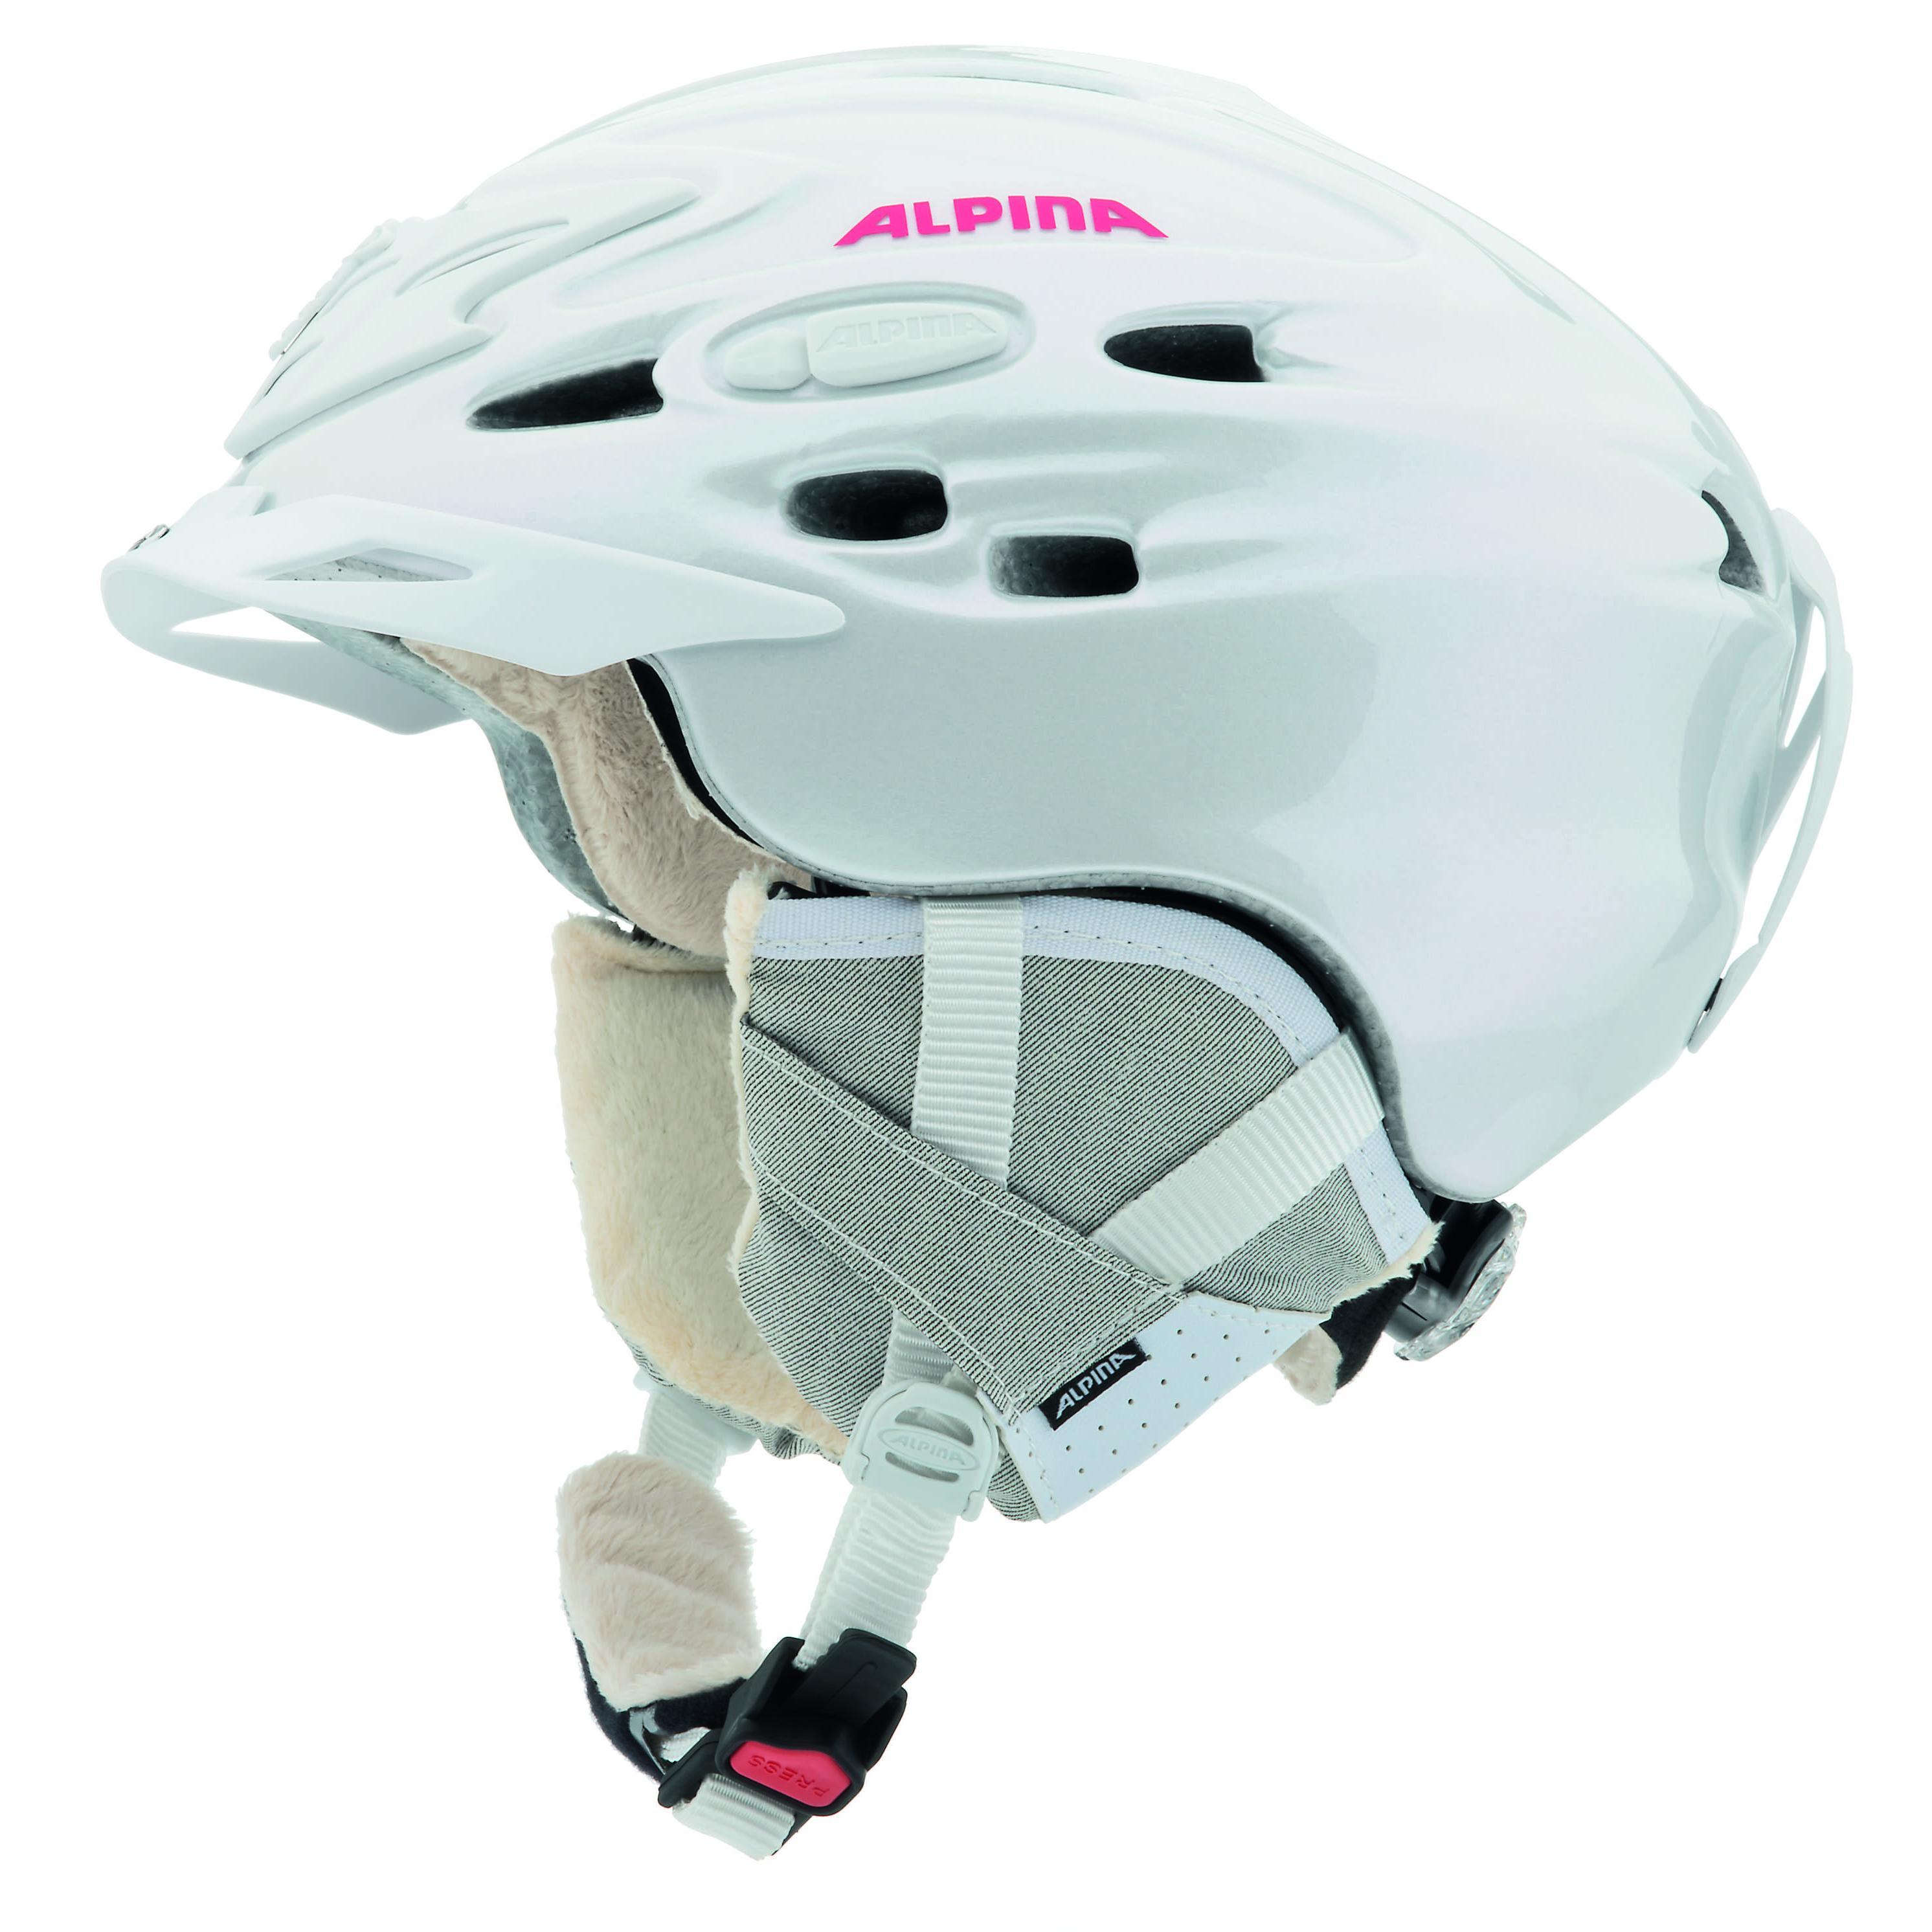 Зимний Шлем Alpina ALL MOUNTAIN SCARA L.E. pearlwhite-pink, Шлемы для горных лыж/сноубордов, 1131037  - купить со скидкой